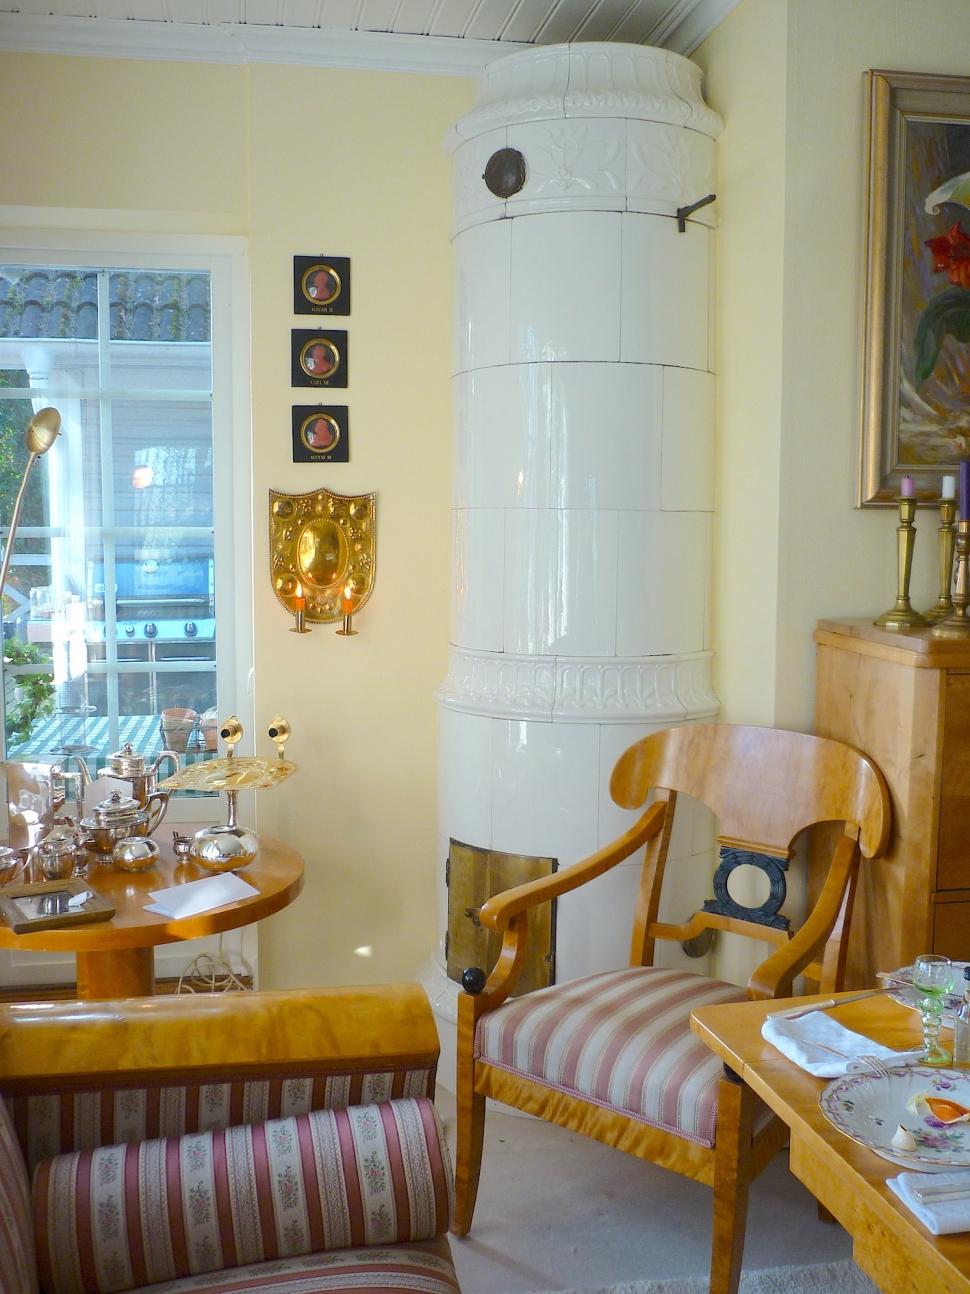 antike schwedische kachel fen modellierte rund fen archive antike schwedische kachel fen. Black Bedroom Furniture Sets. Home Design Ideas